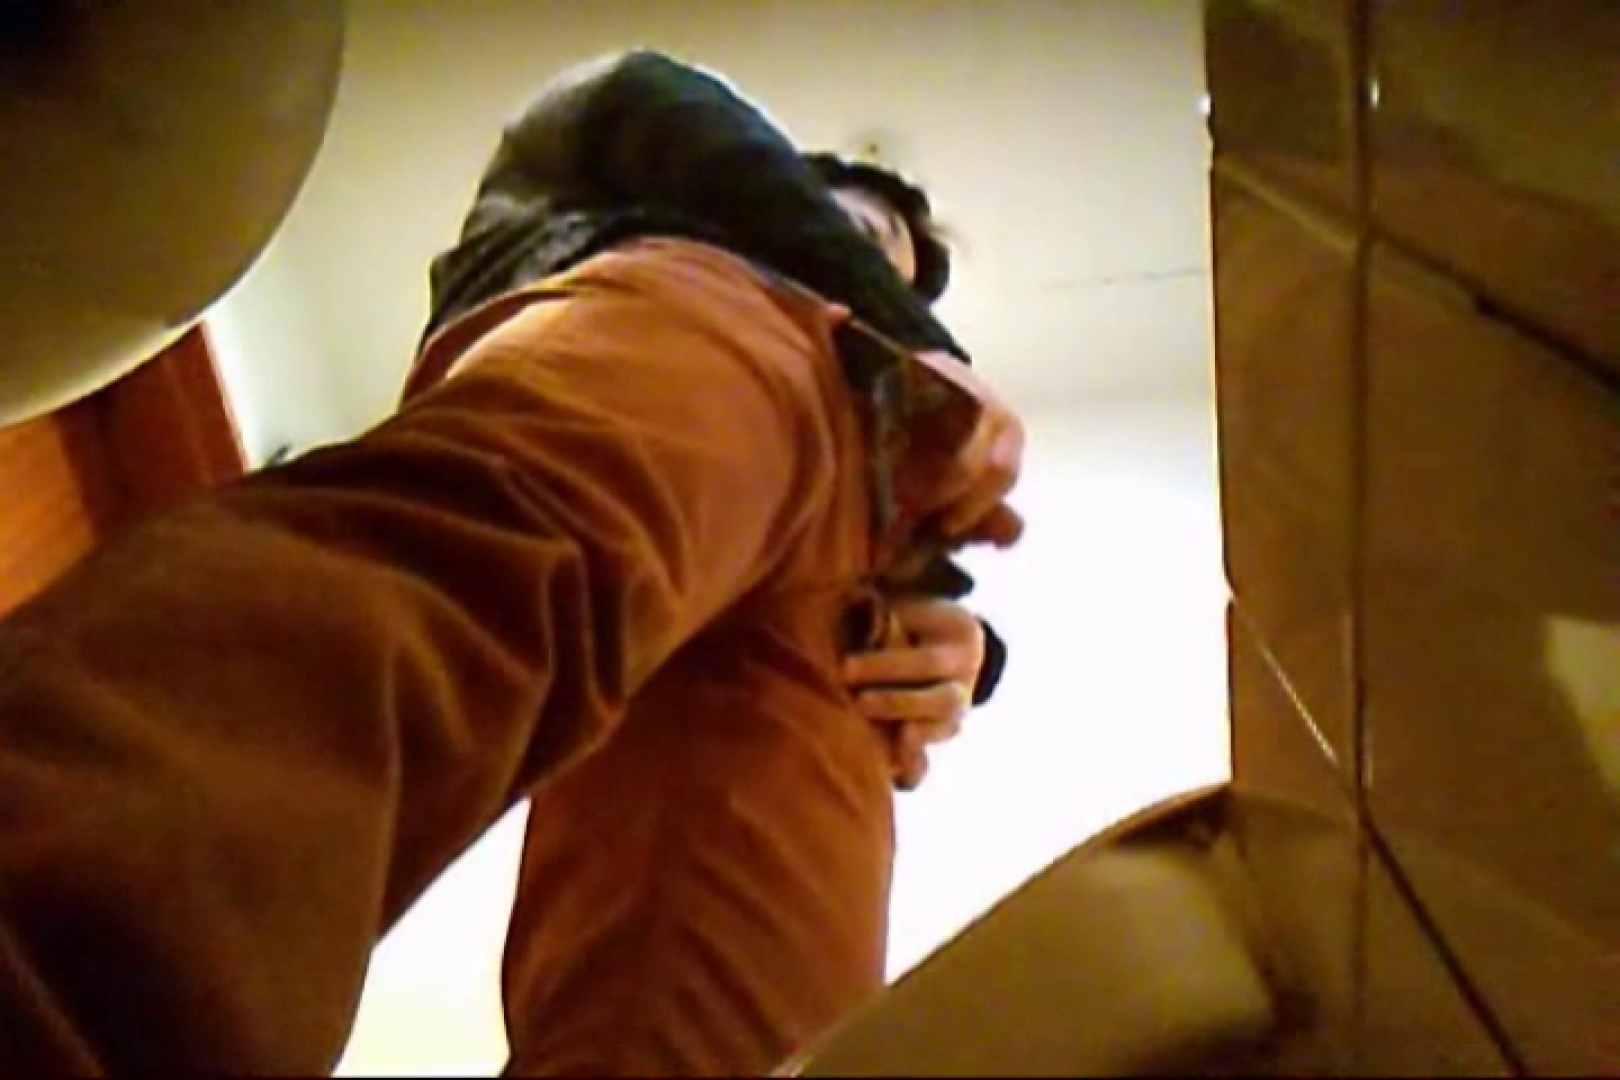 Gボーイ初投稿!掴み取りさんの洗面所覗き!in新幹線!VOL.16 完全無修正でお届け | おやじ熊系ボーイズ  77pic 49